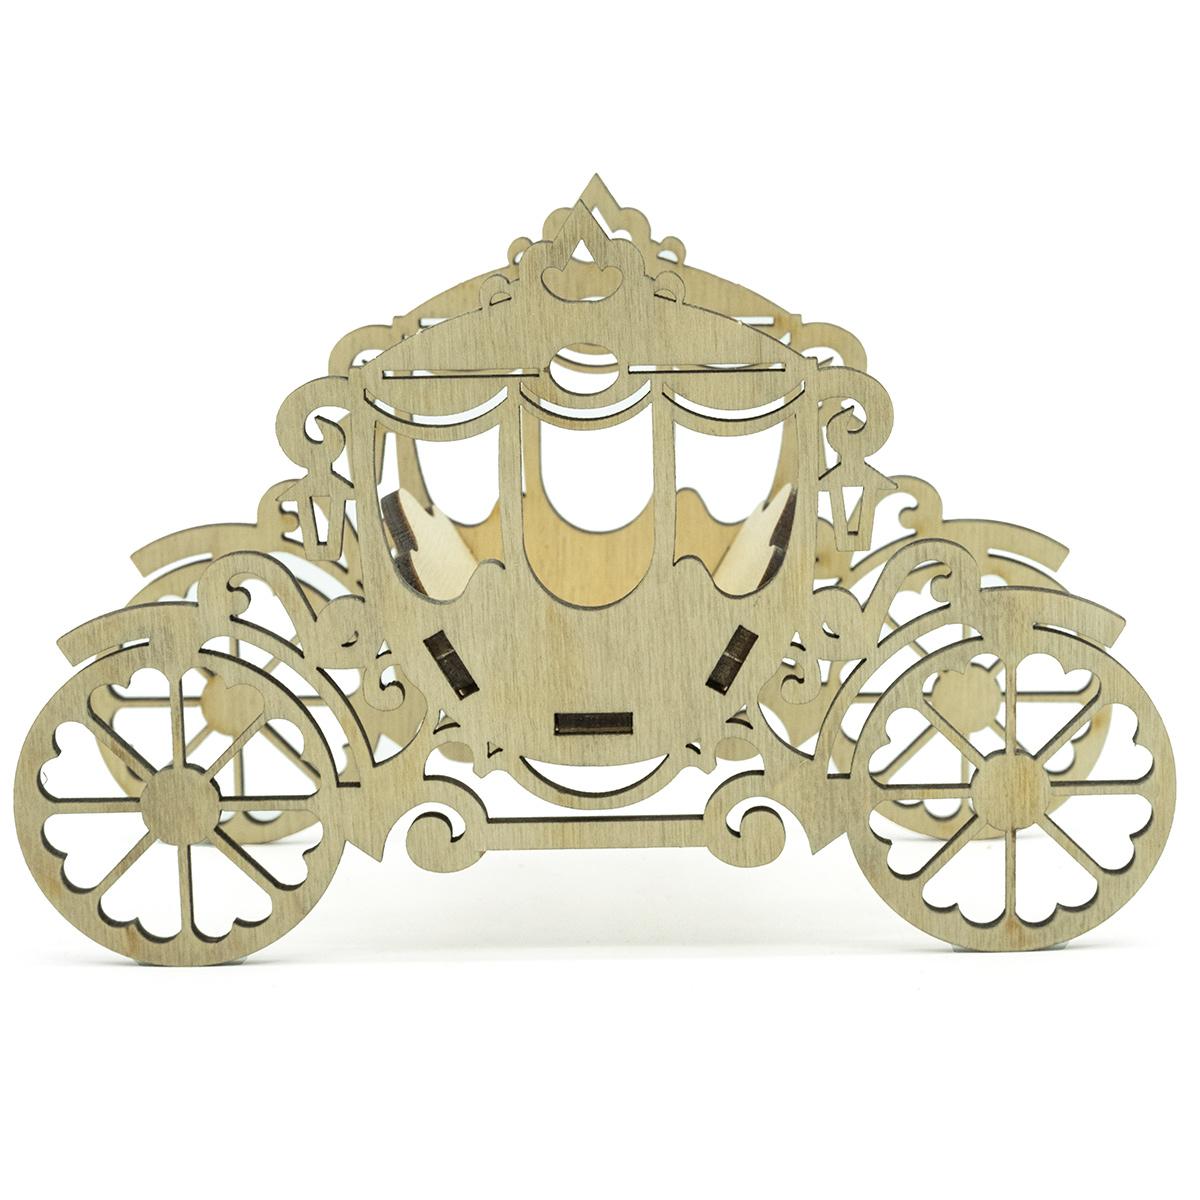 L-734 Деревянная заготовка декоративная карета малая 15,5*10,5*6 см, Астра